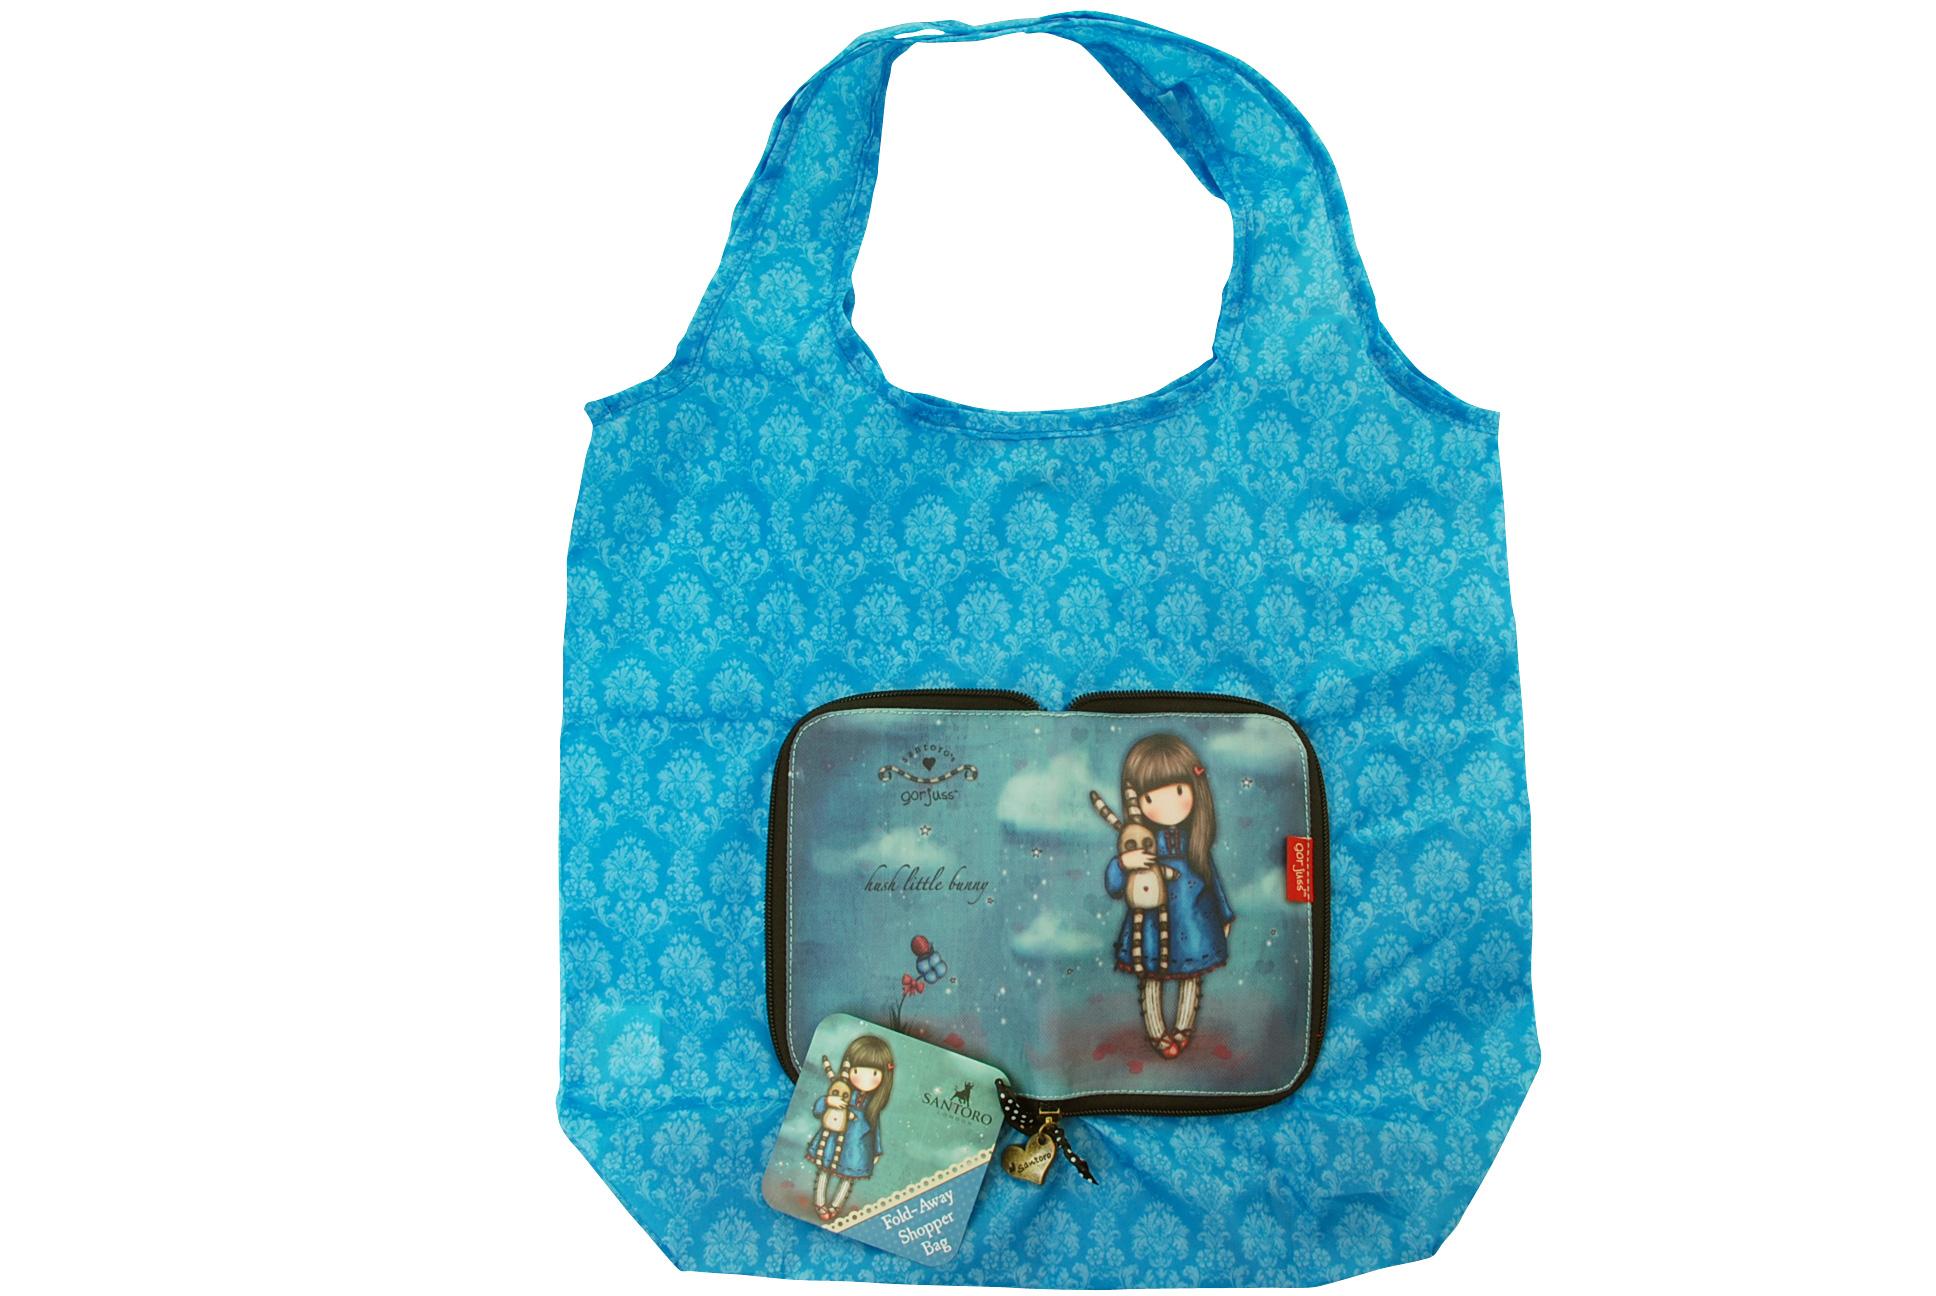 Gorjuss - Skládací nákupní taška - Hush Little Bunny